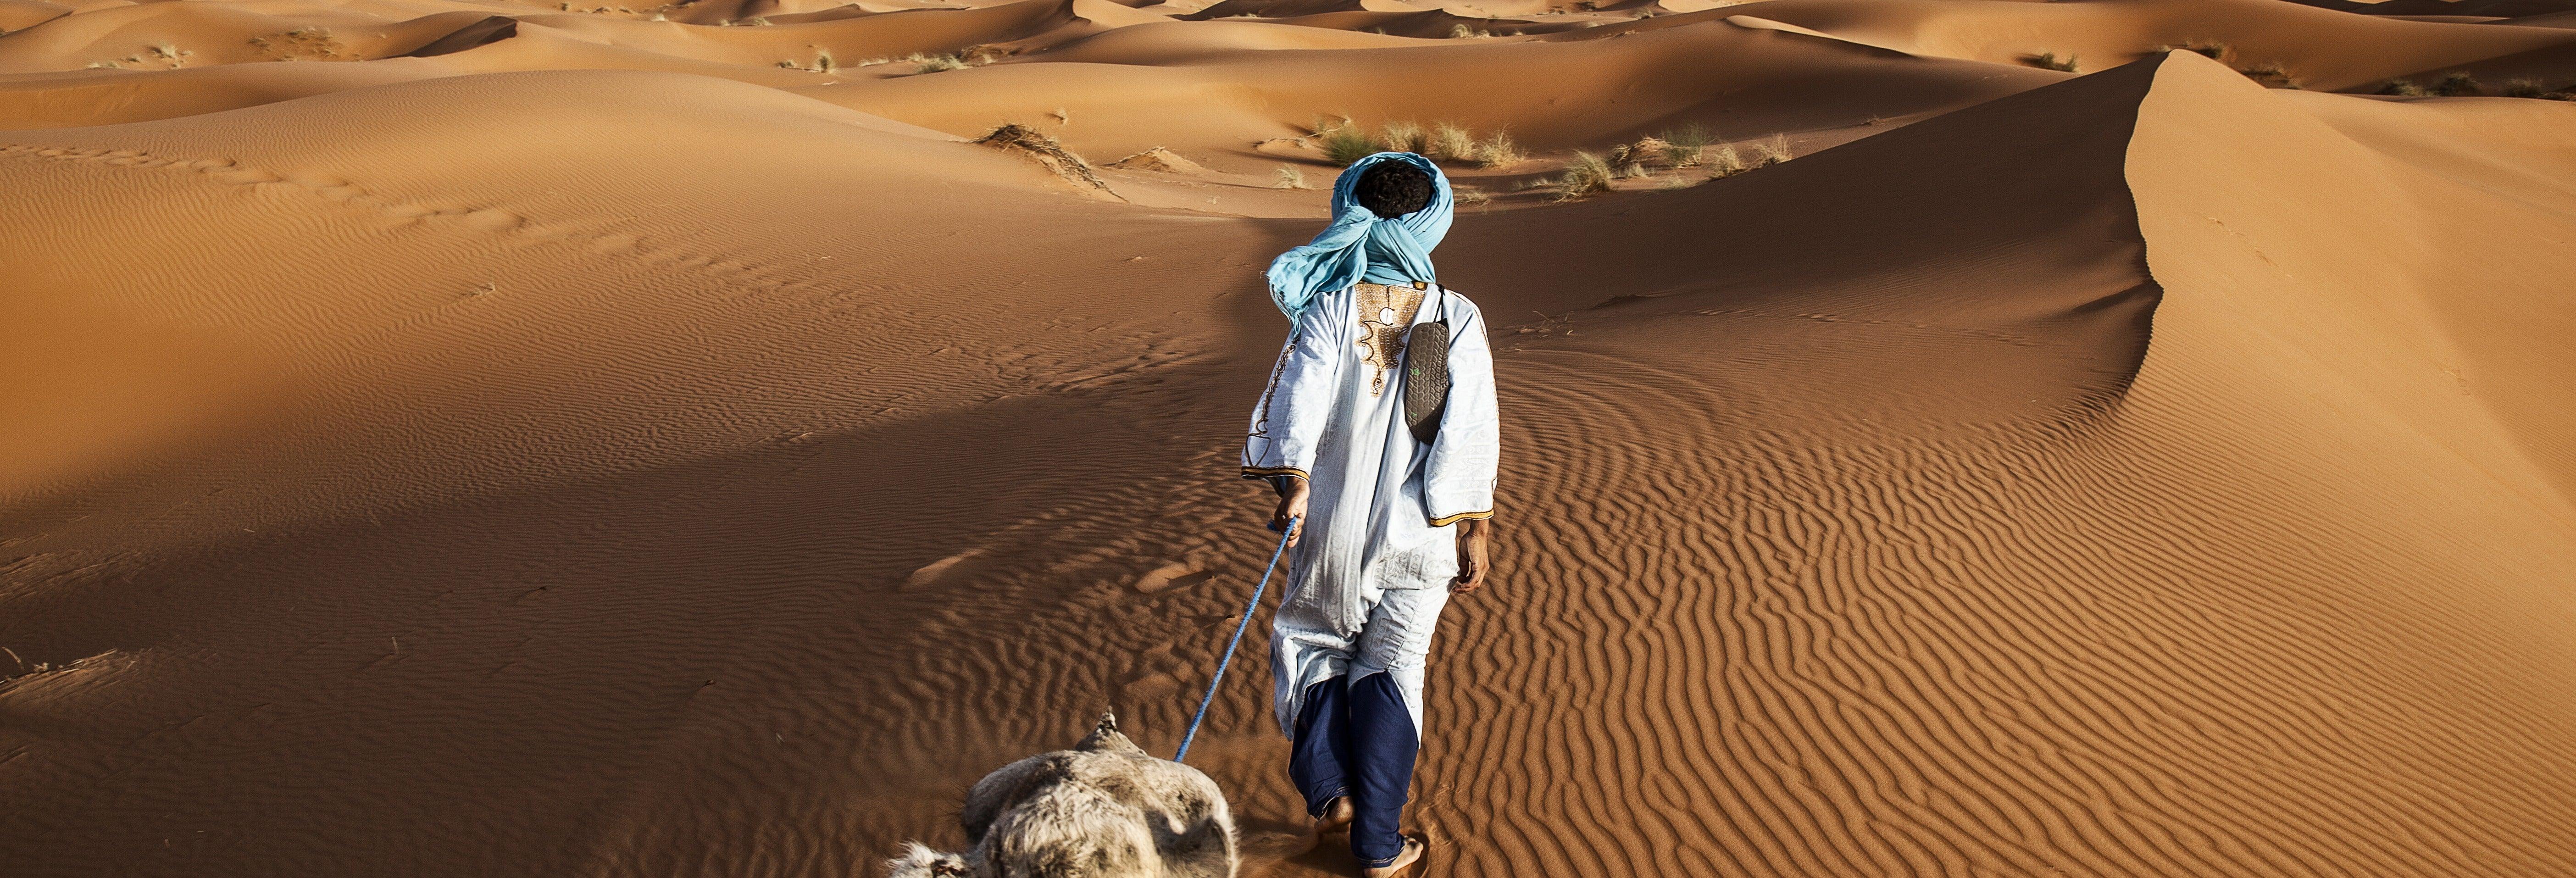 Excursão de 4 dias ao deserto de Merzouga